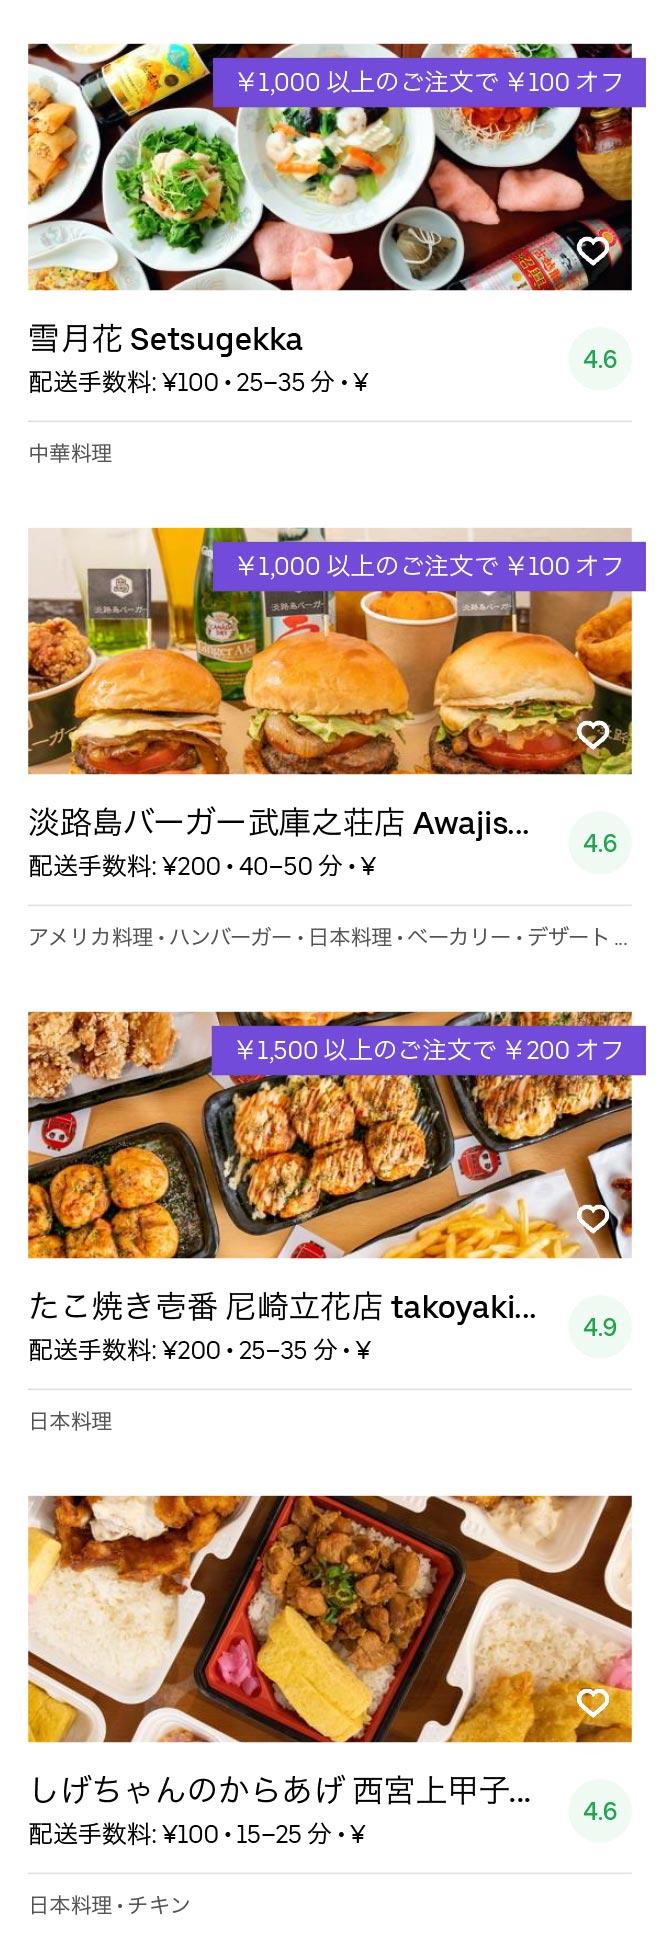 Nishinomiya koshien menu 2005 09